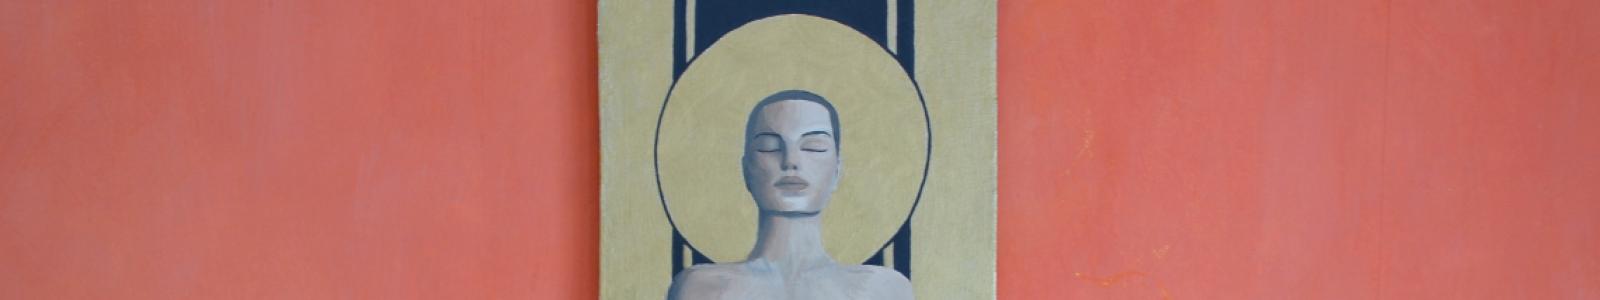 Gallery Painter Maria Daar